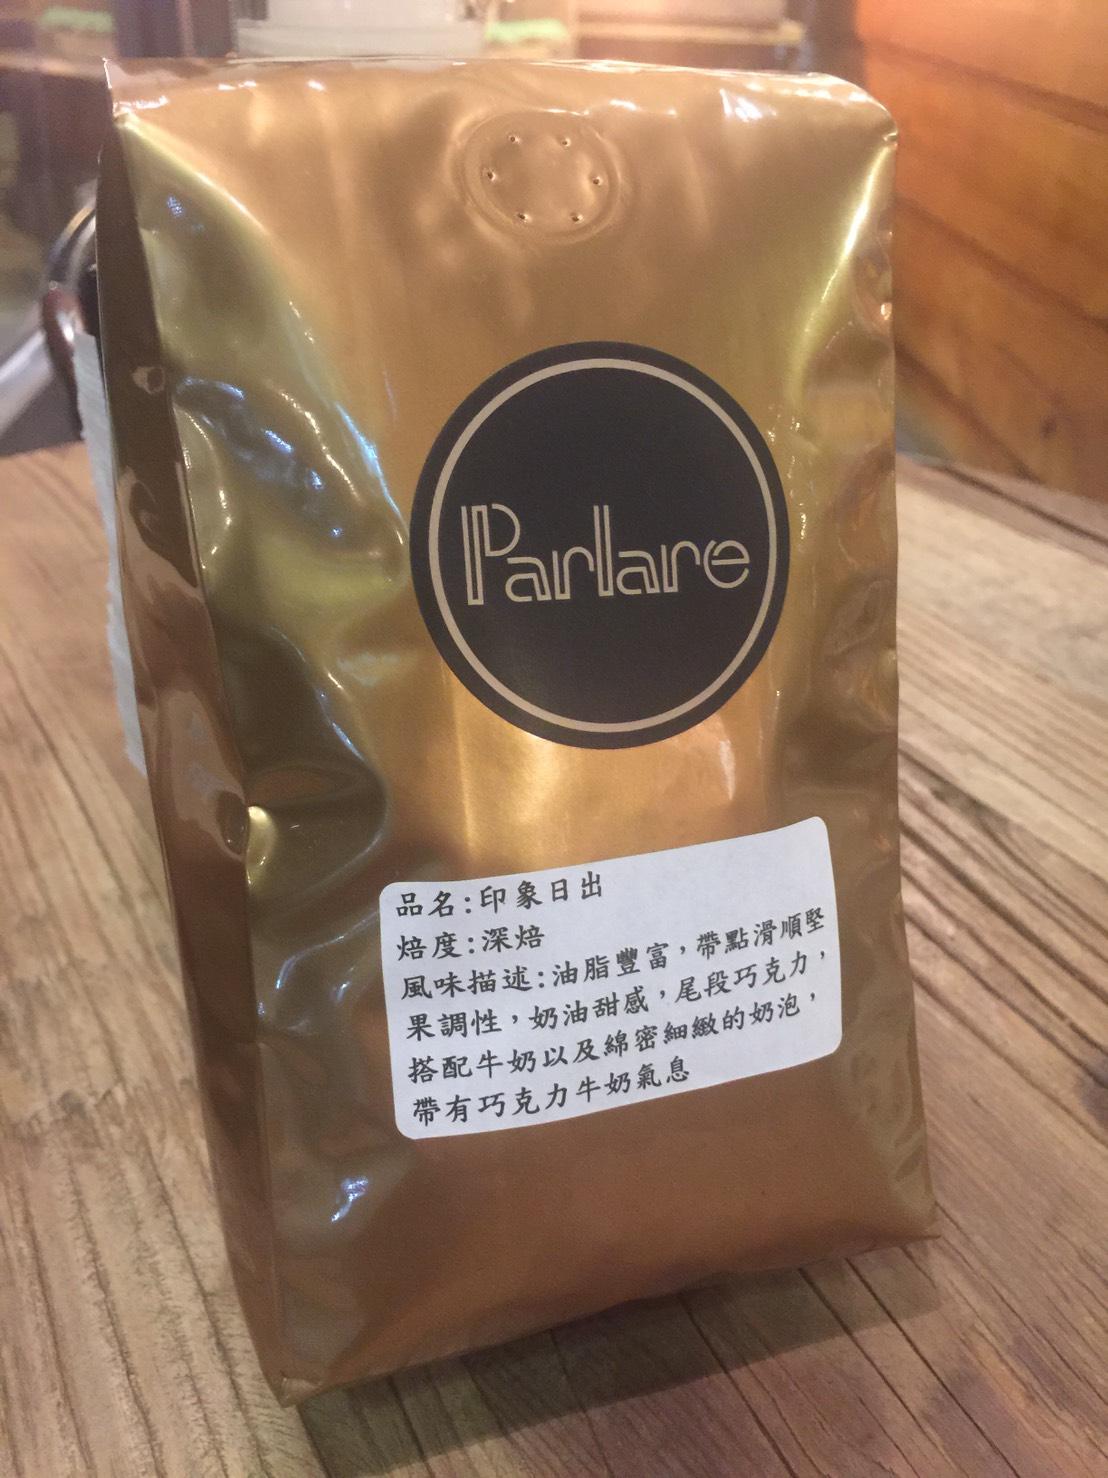 ❤含收據❤代購❤PARLARE❤名牌精品印象日出咖啡豆一磅❤高雄鳳山排隊店家❤手工烘培❤完美呈現❤立體拉花